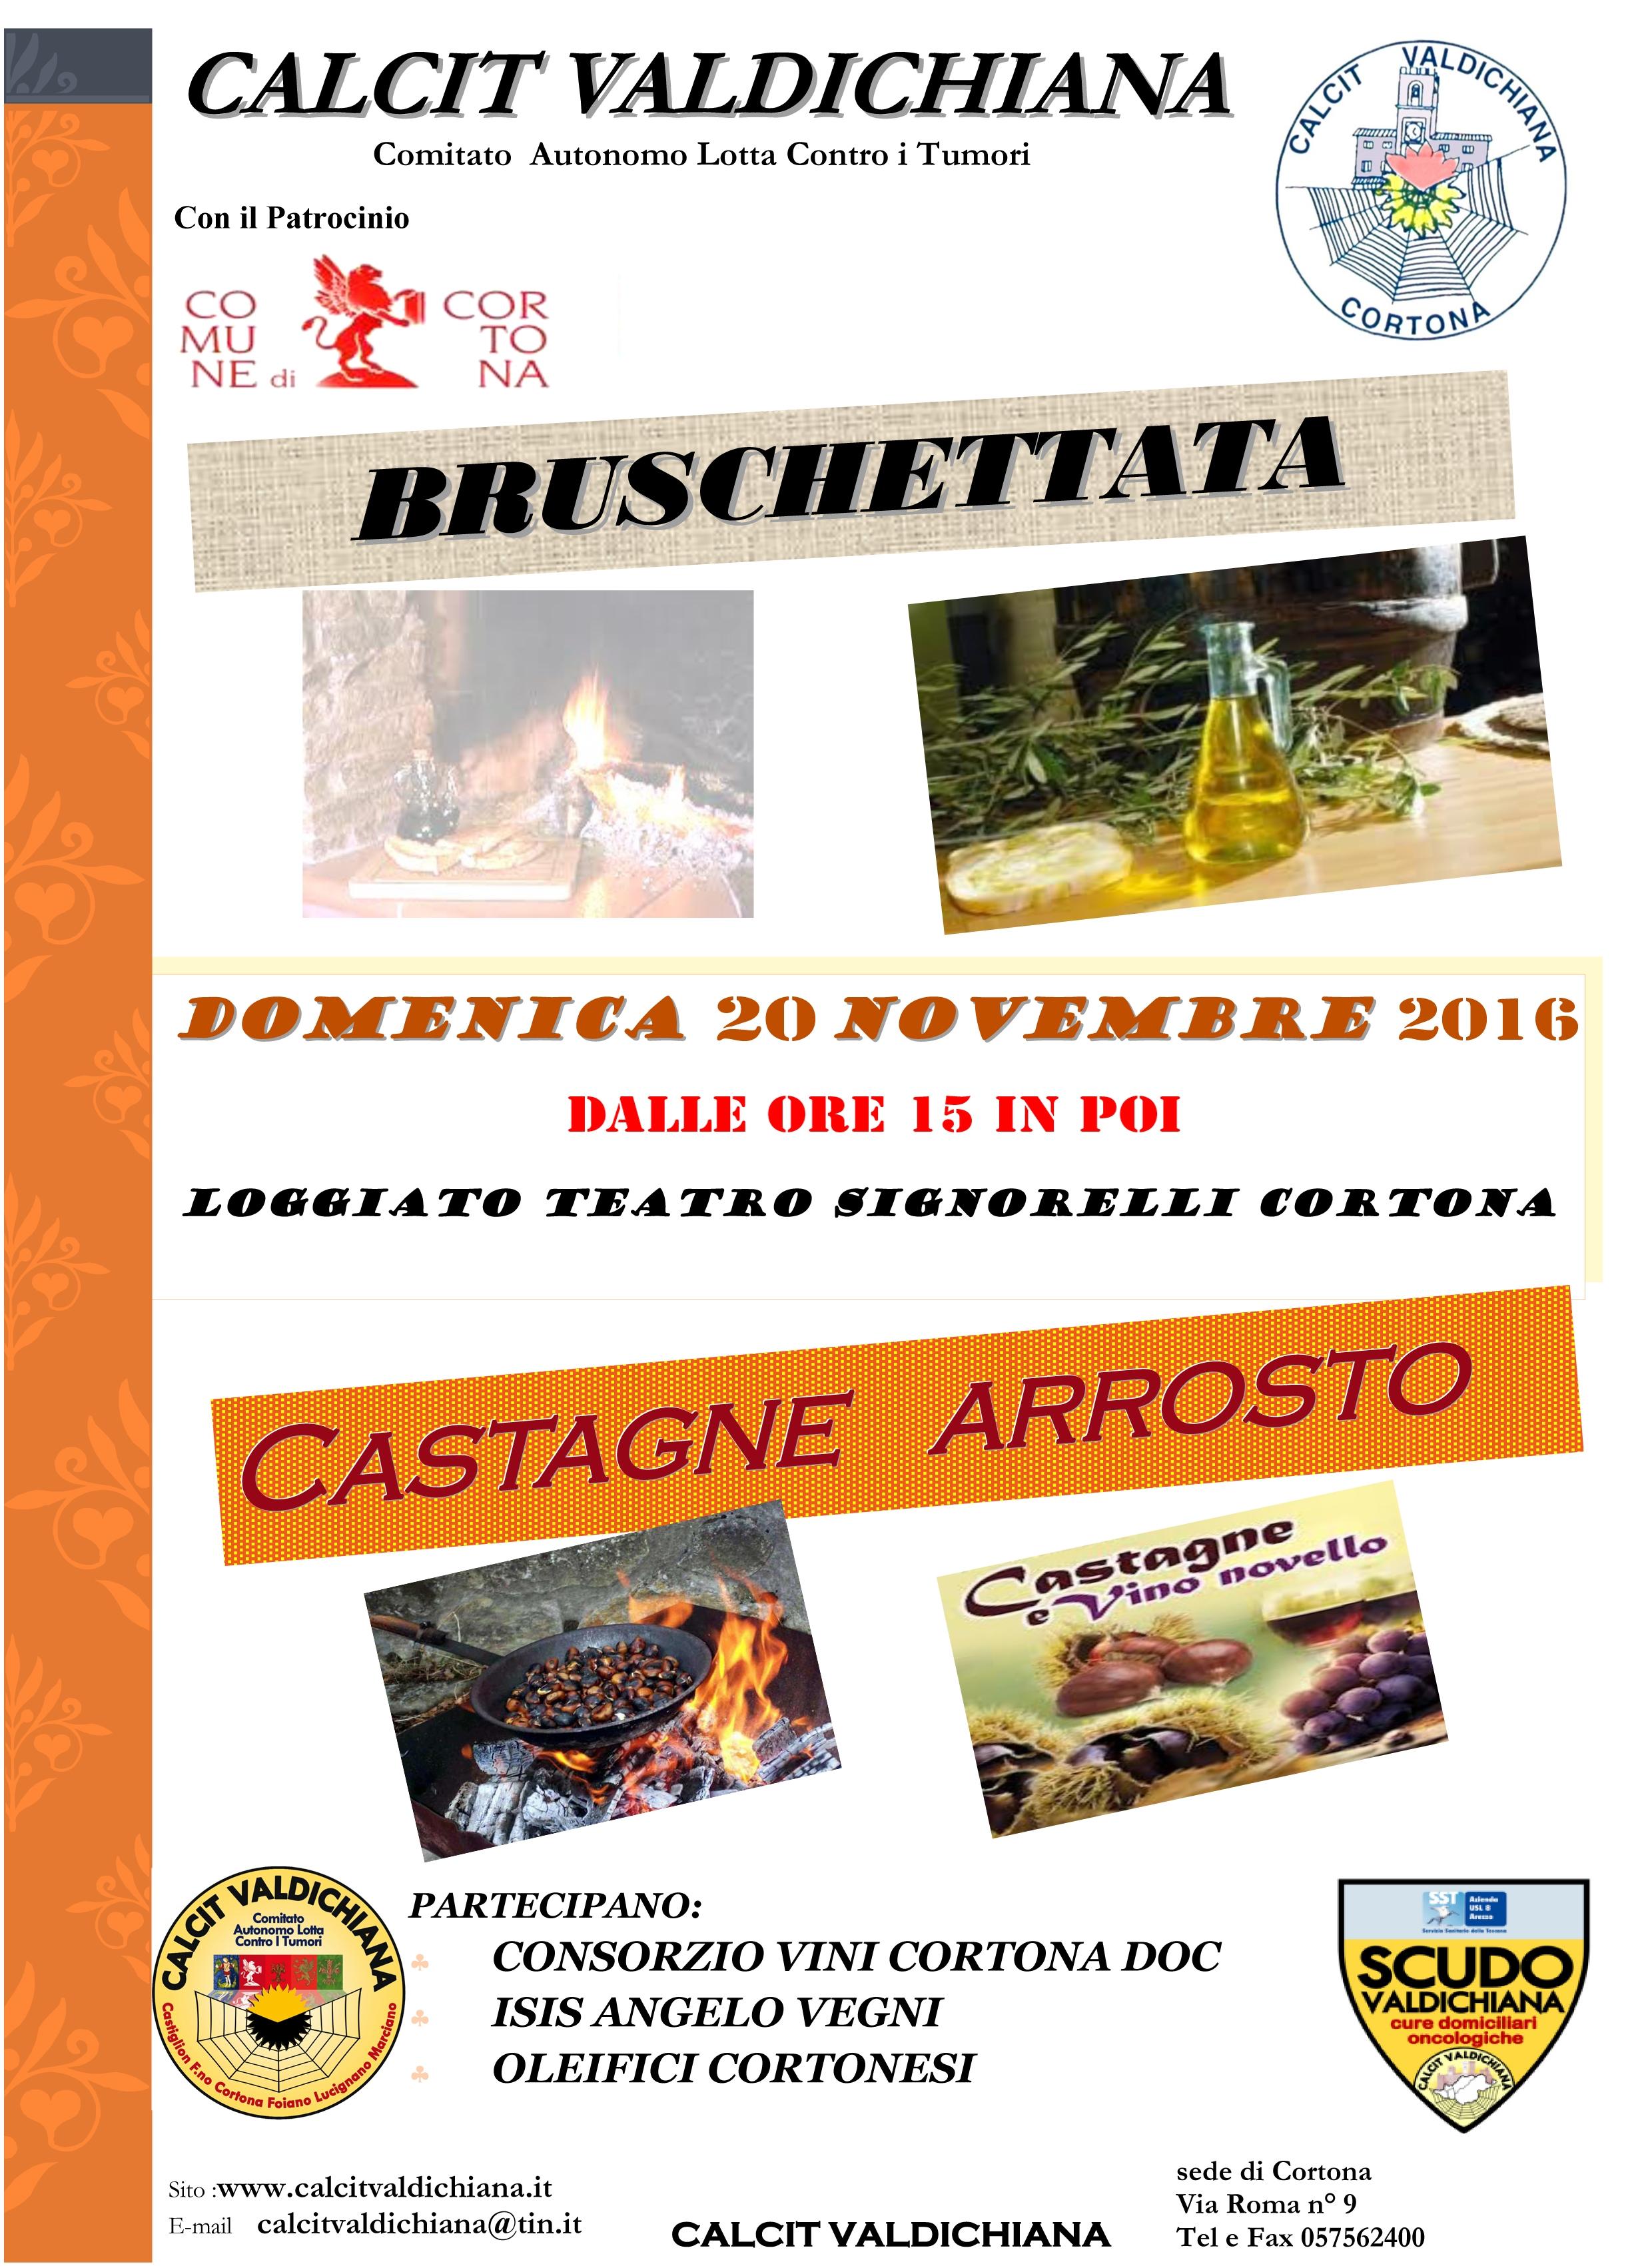 Bruschettata e castagne arrosto per il Calcit a Cortona